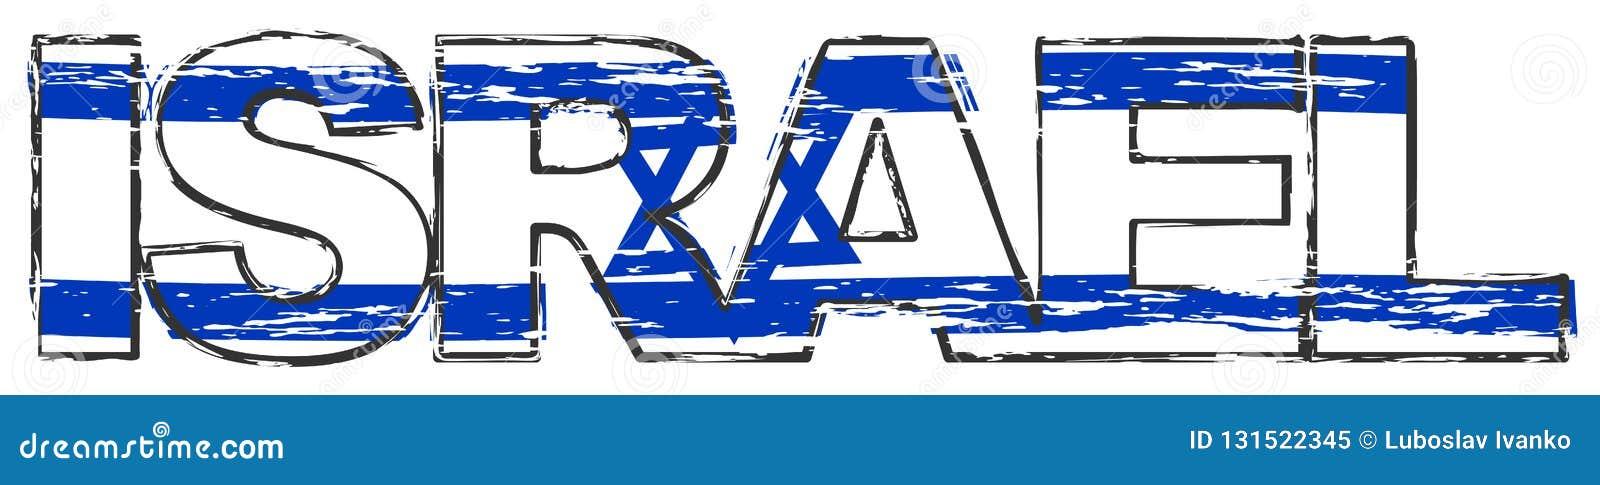 Palavra ISRAEL com a bandeira nacional israelita sob ela, olhar afligido do grunge